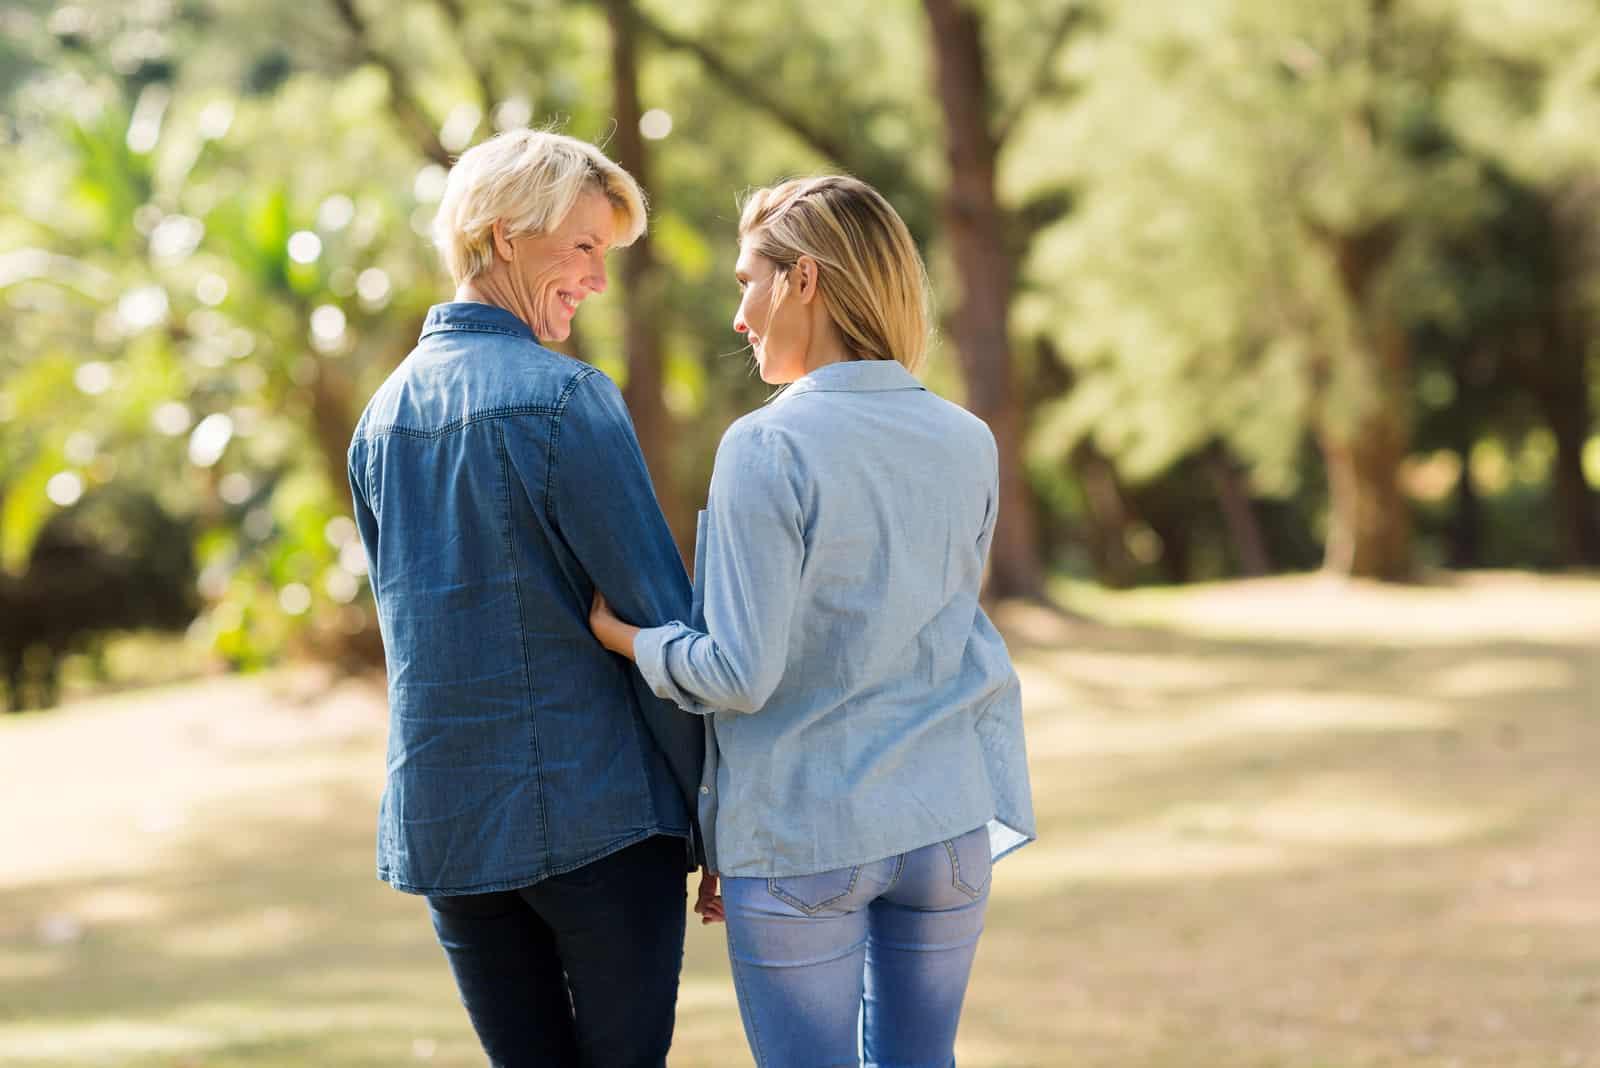 maman et fille marchant dans le parc